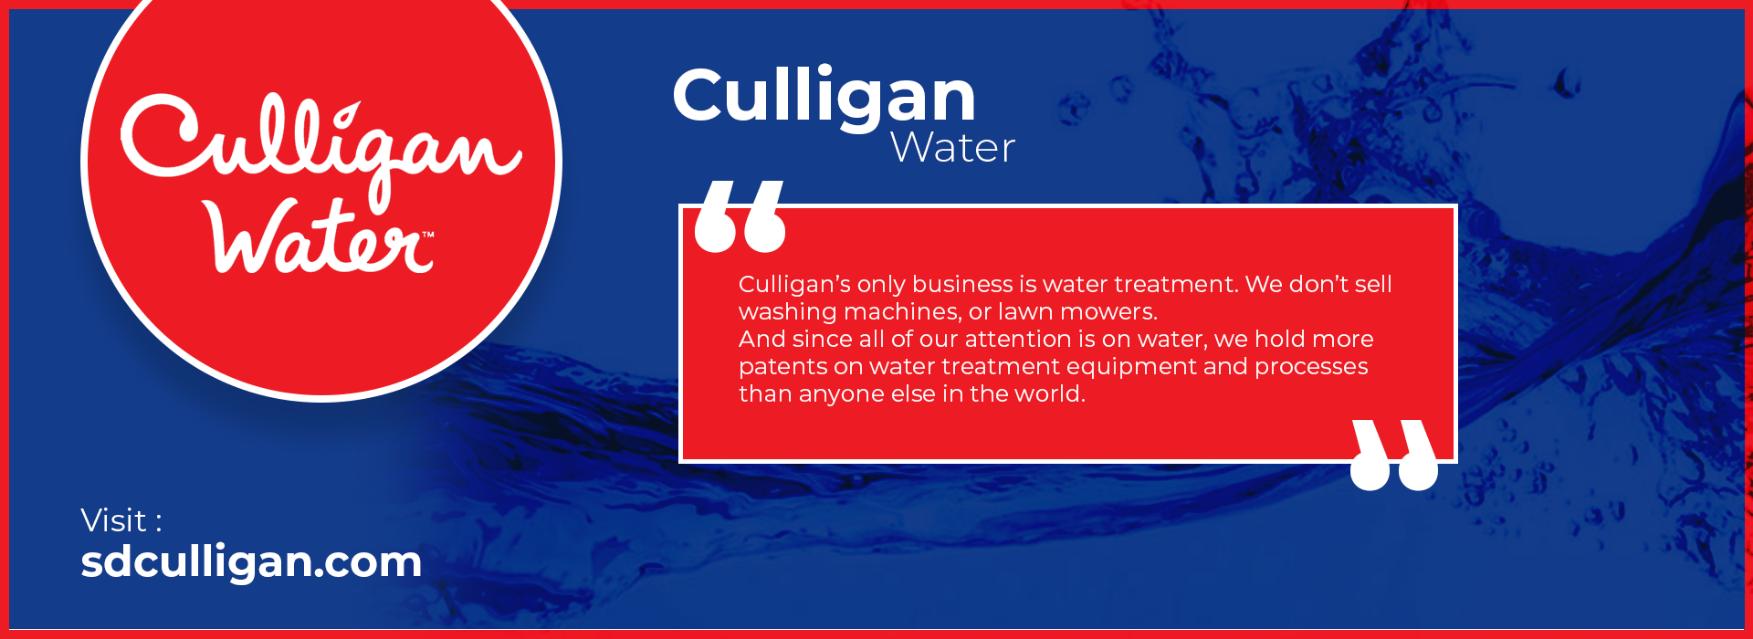 Culligan_water_slider